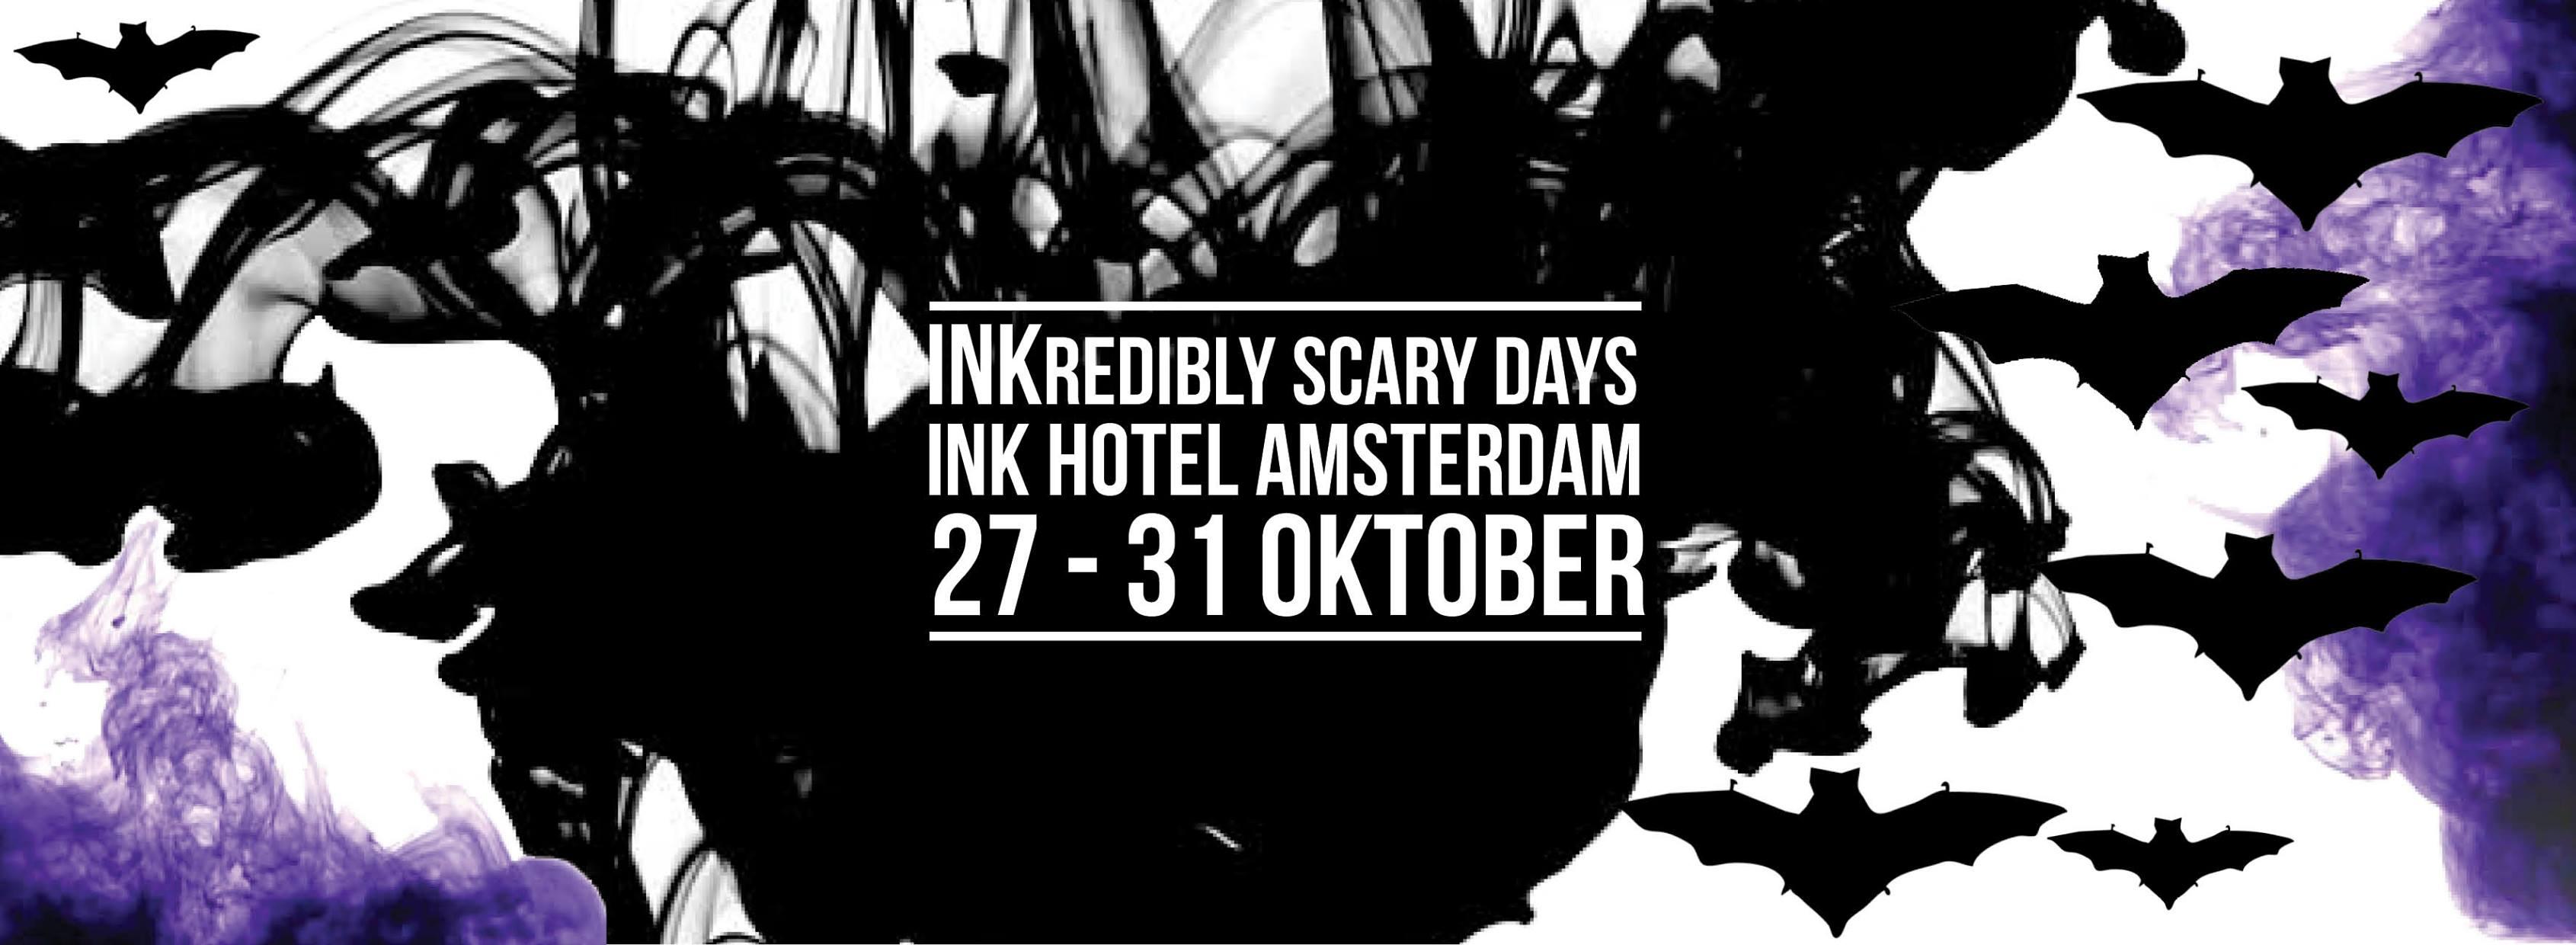 31 Oktober Halloween Amsterdam.Halloween Amsterdam De Feesten En Plekken Waar Jij Moet Zijn